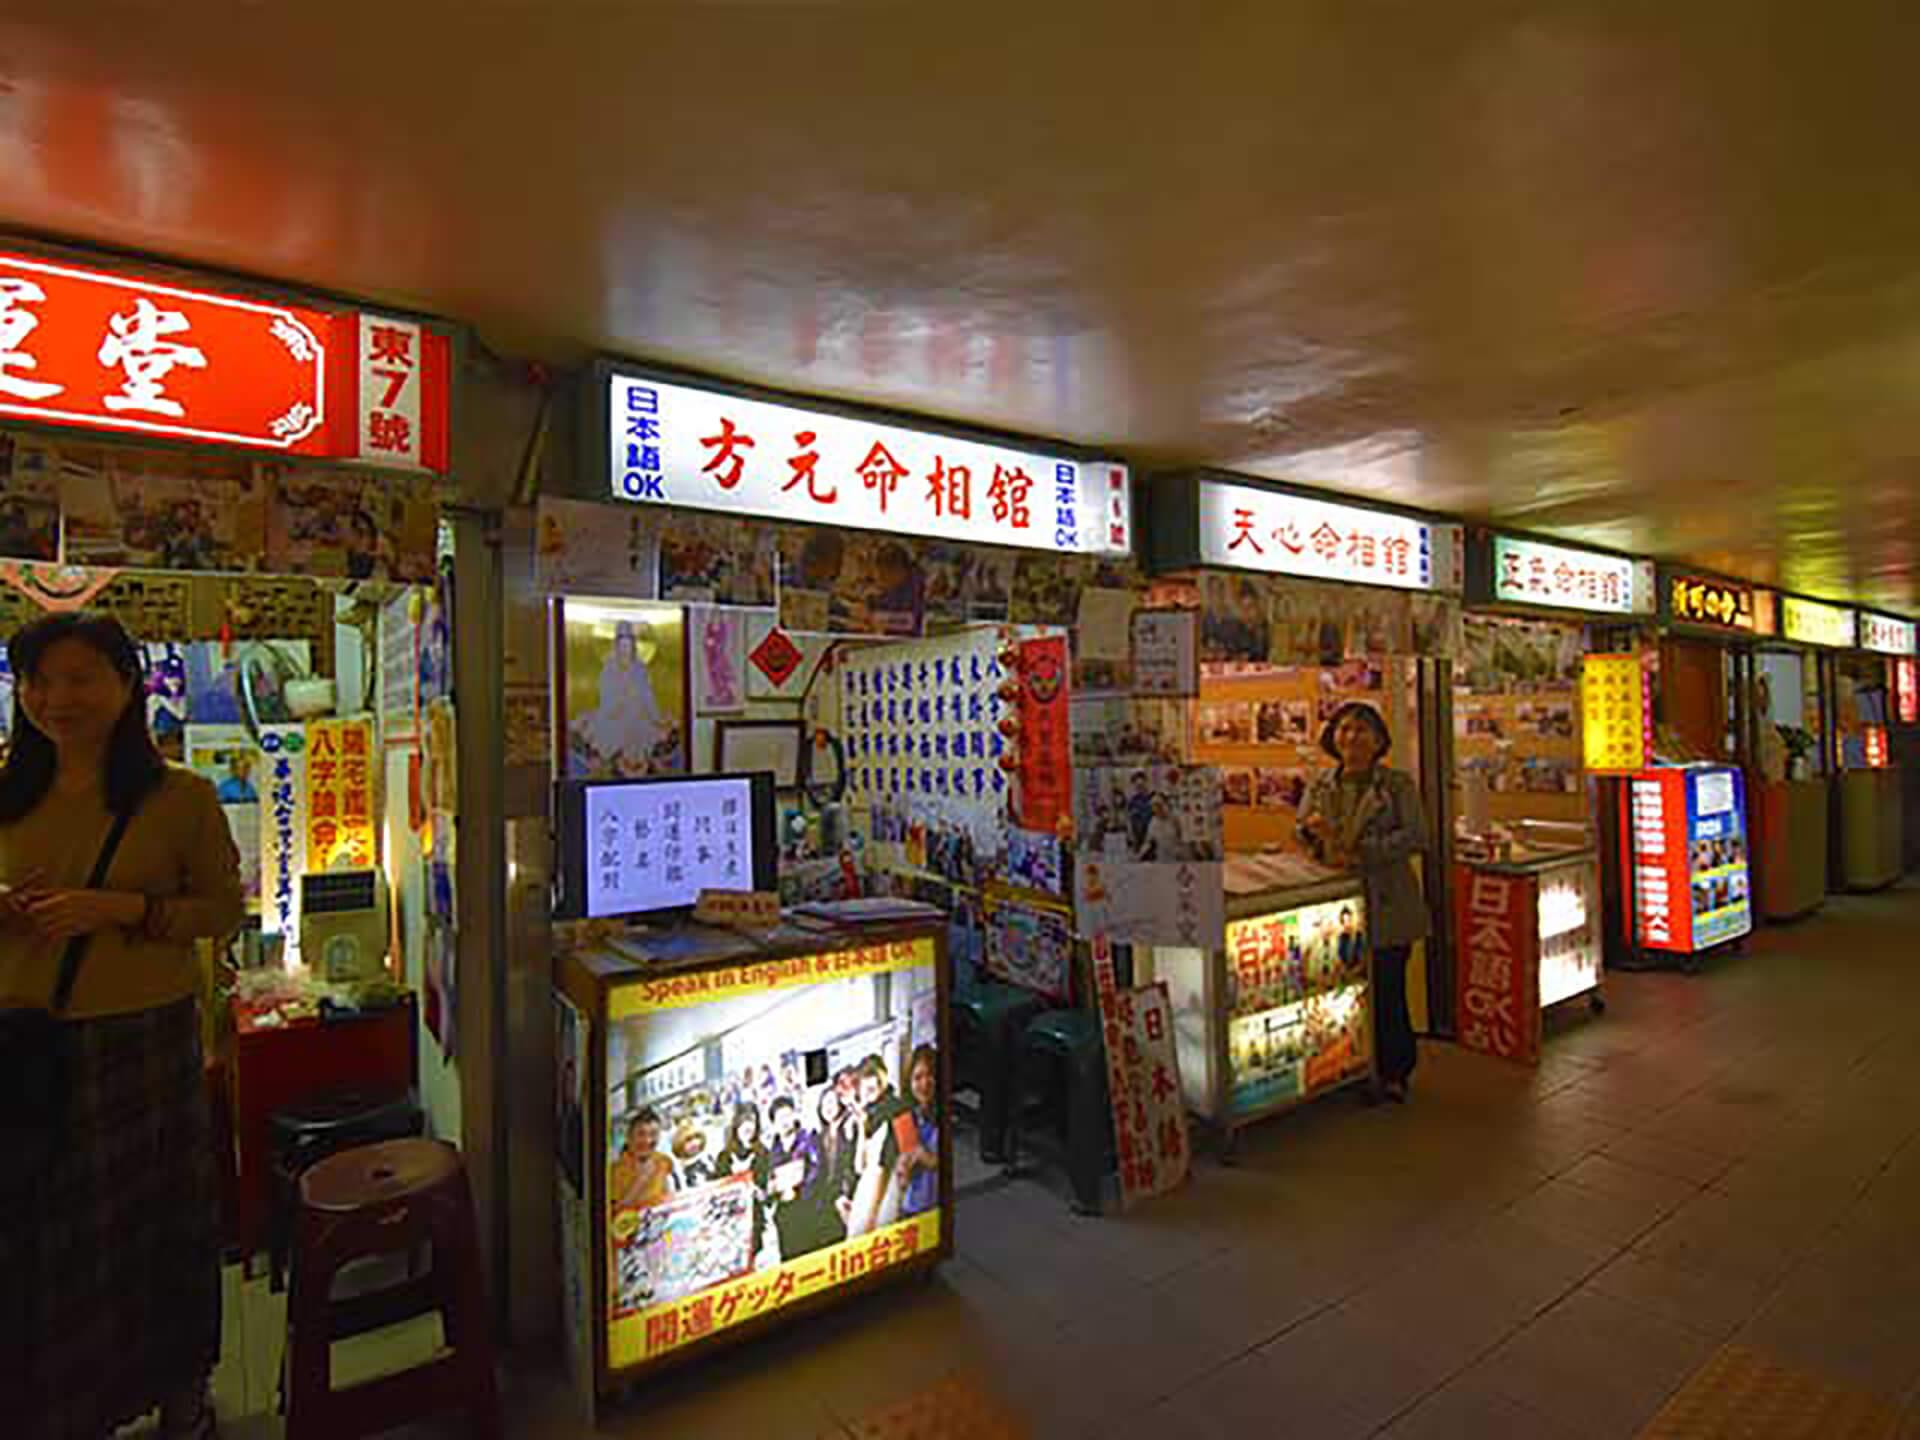 台湾祭in 横浜赤レンガ 2020占い市場